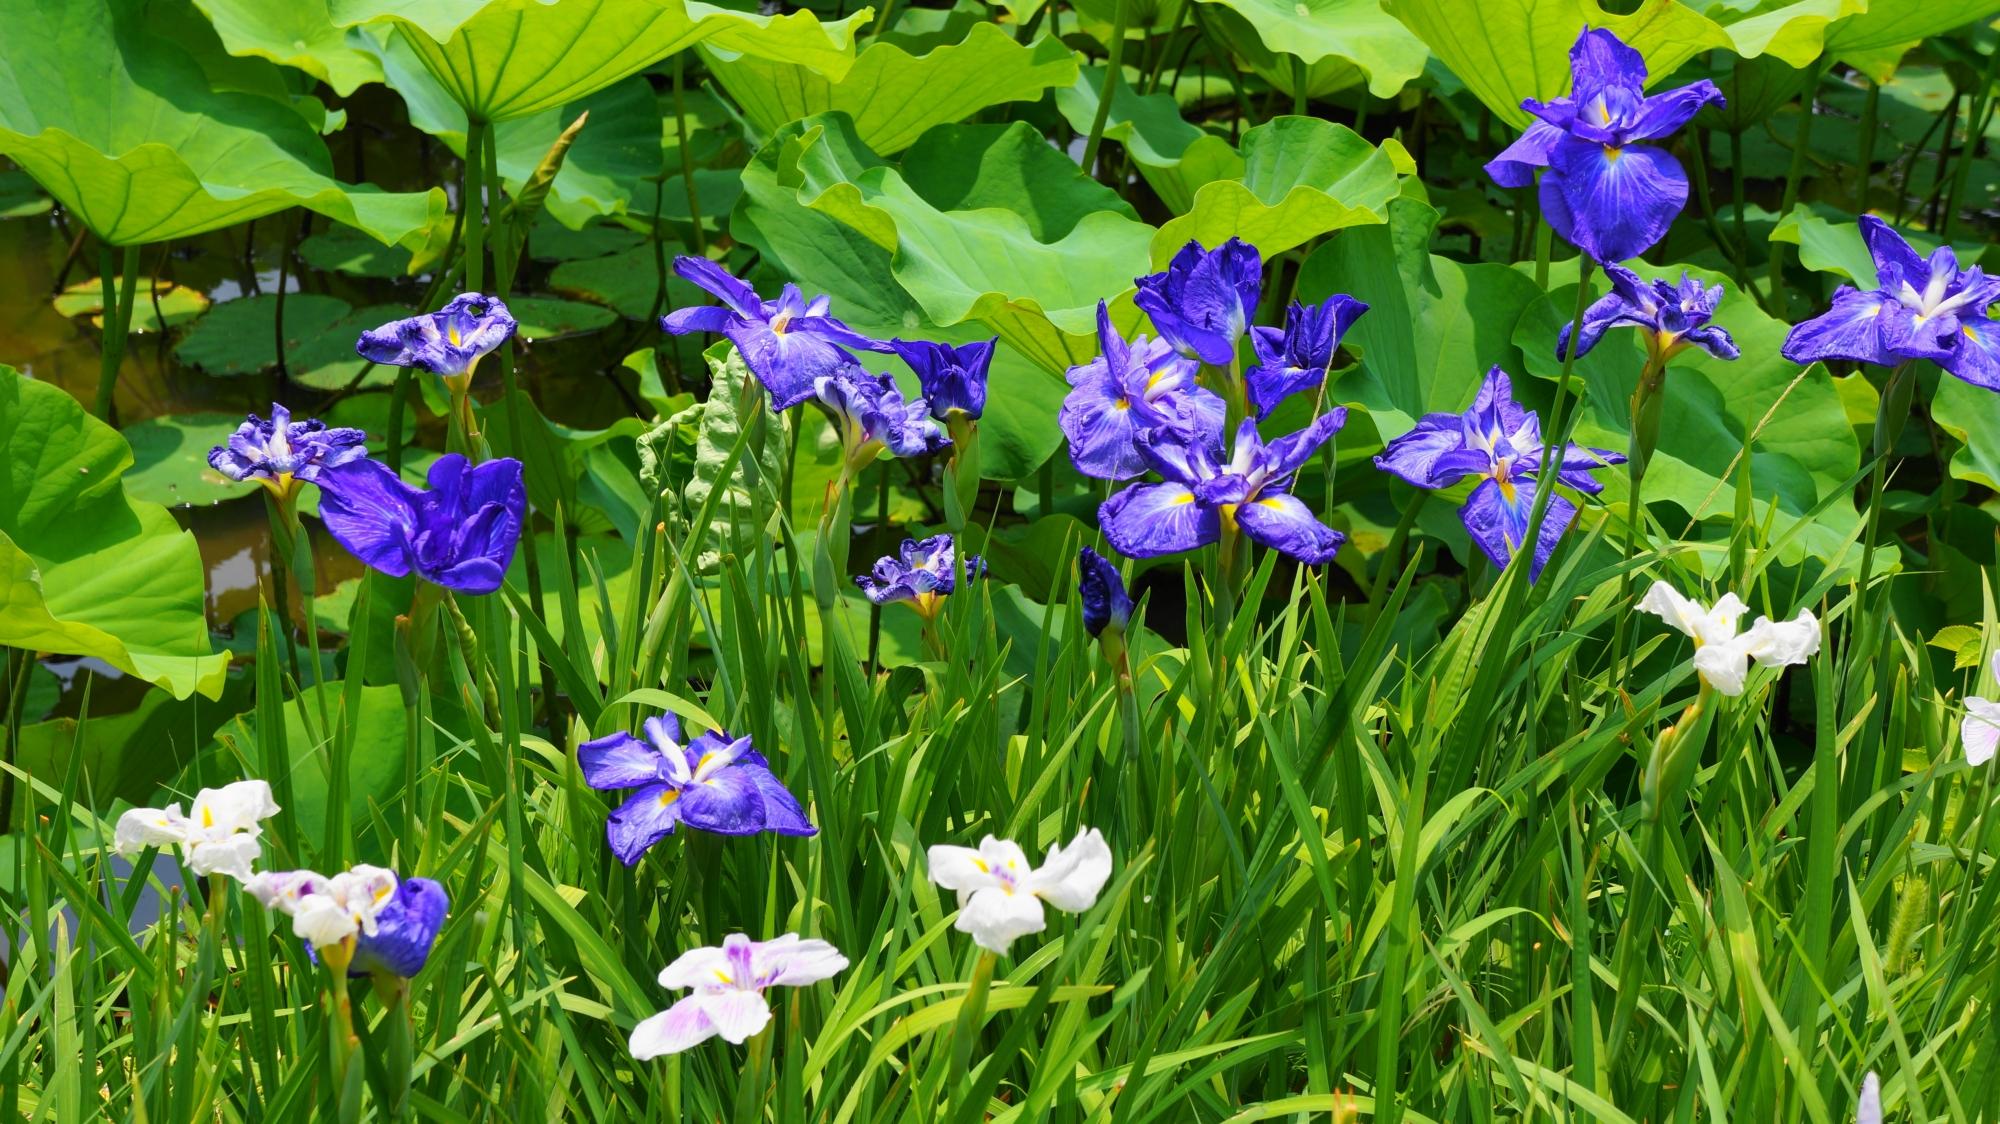 法金剛院に咲く鮮やかな花菖蒲